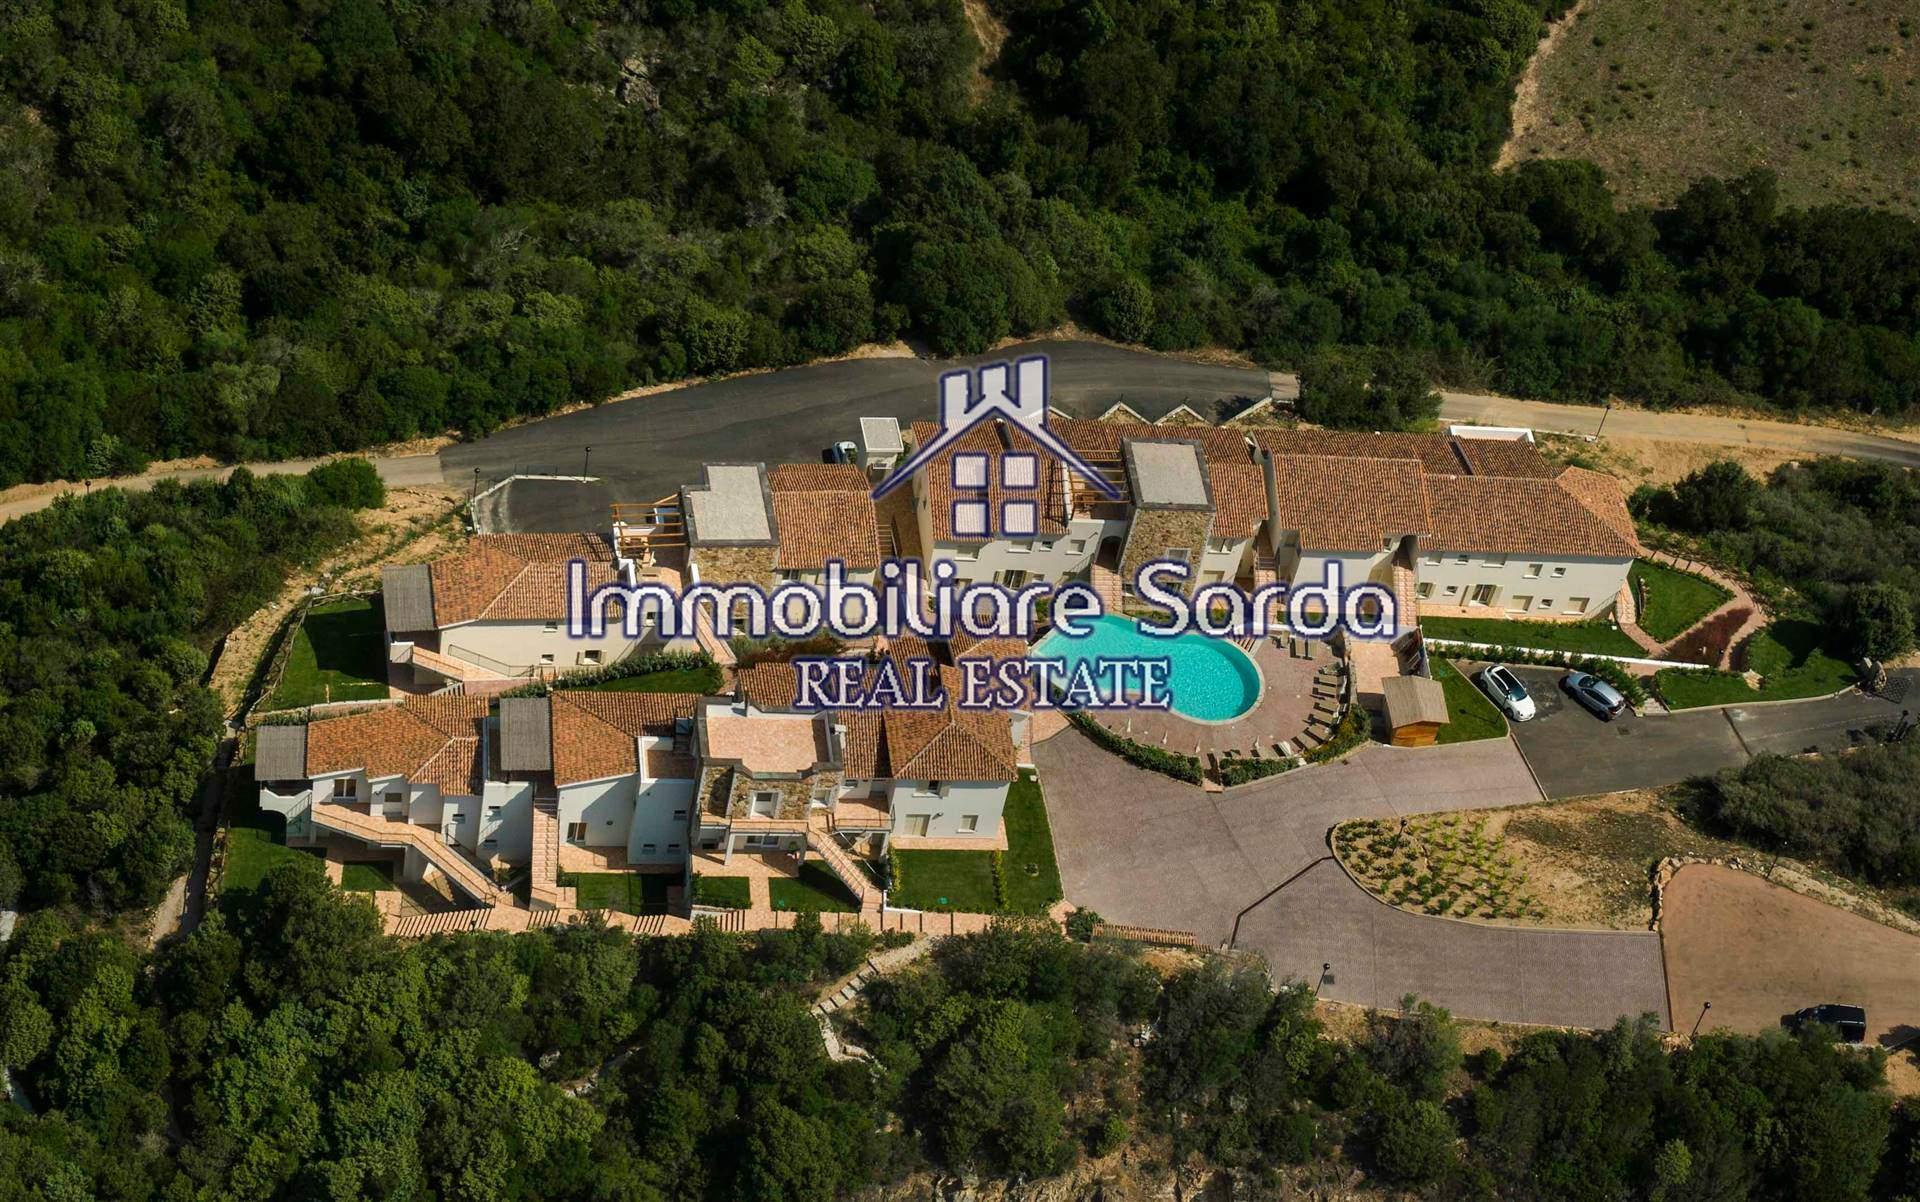 Appartamento in vendita a Arzachena - Porto Cervo, 3 locali, zona Località: BAJA SARDINIA, prezzo € 255.000 | PortaleAgenzieImmobiliari.it